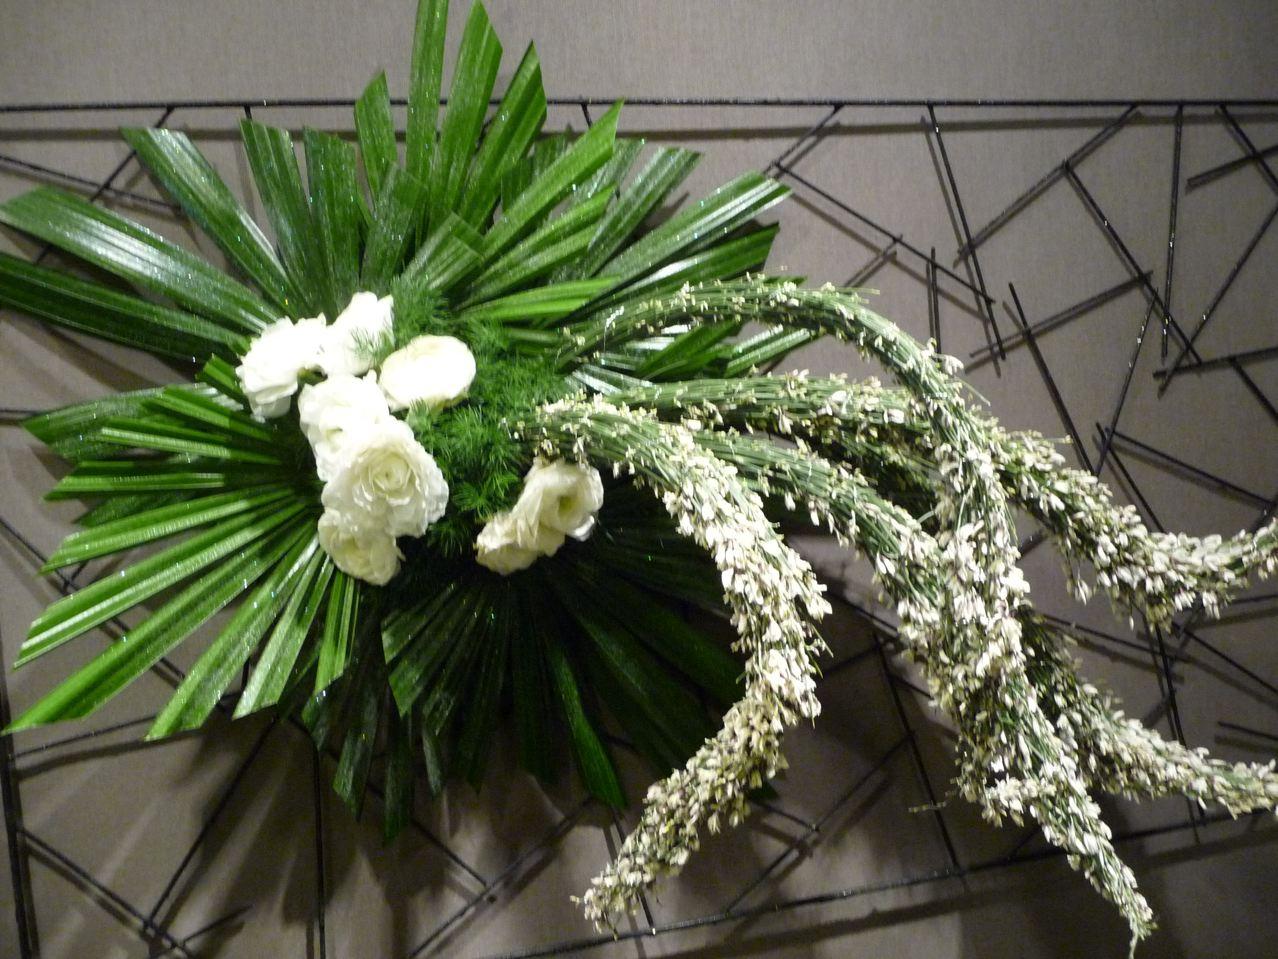 Art floral de Noël, création d'Ariane Boyer, Exposition Tempête de neige (SNHF), décembre 2009, photo Alain Delavie